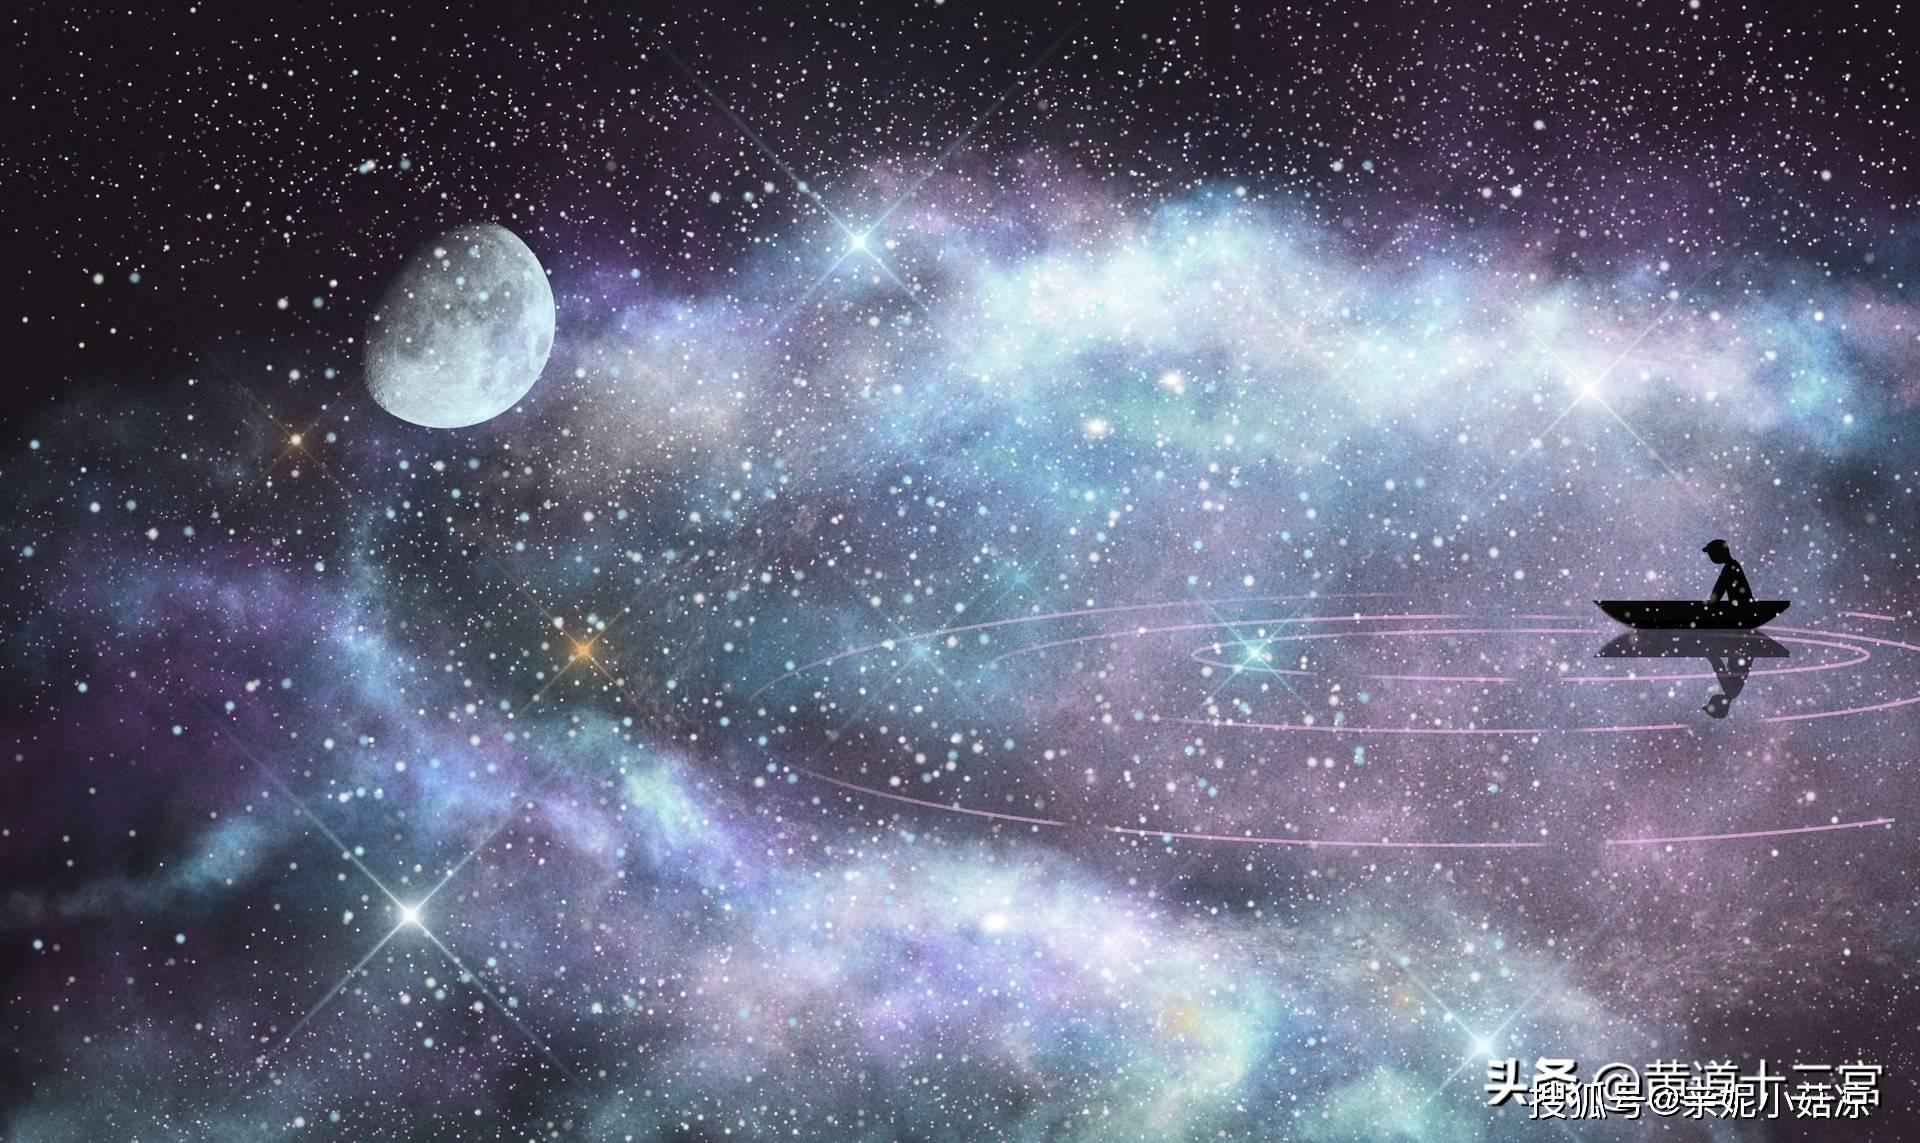 这些星座善于隐藏实力,深藏不露,一旦爆发就是顶峰